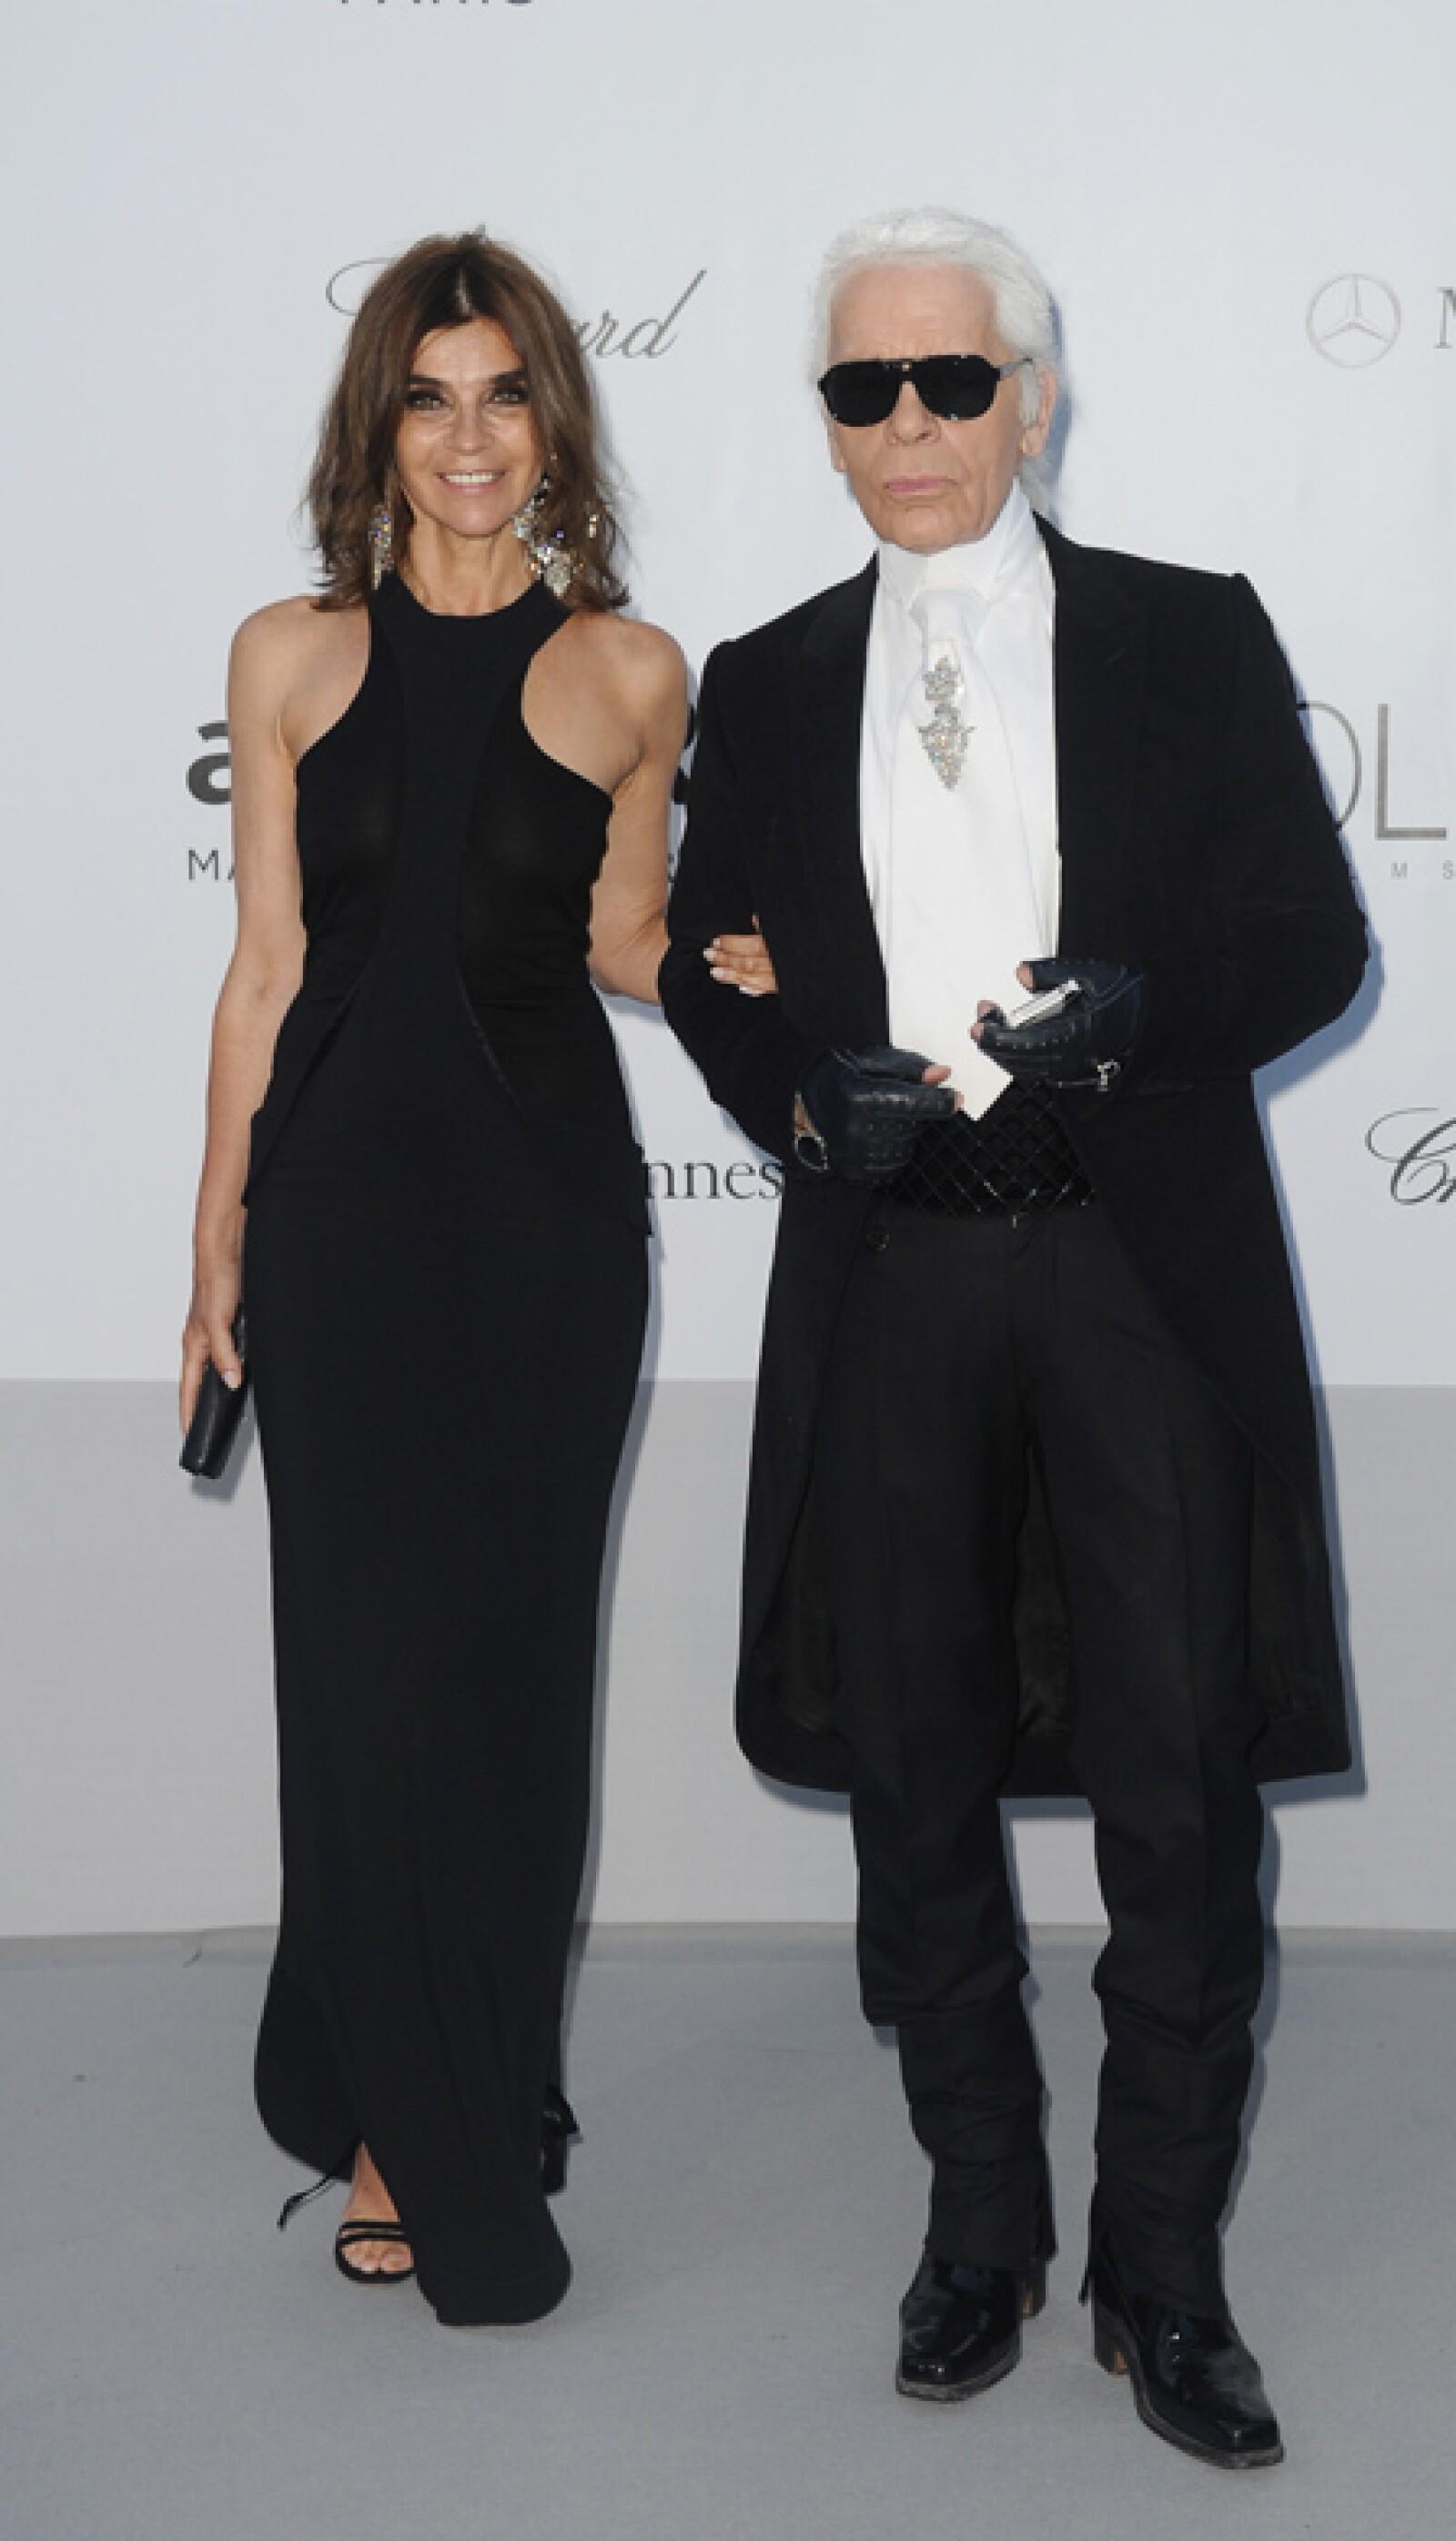 Karl lagerfeld y Carine Roitfeld.